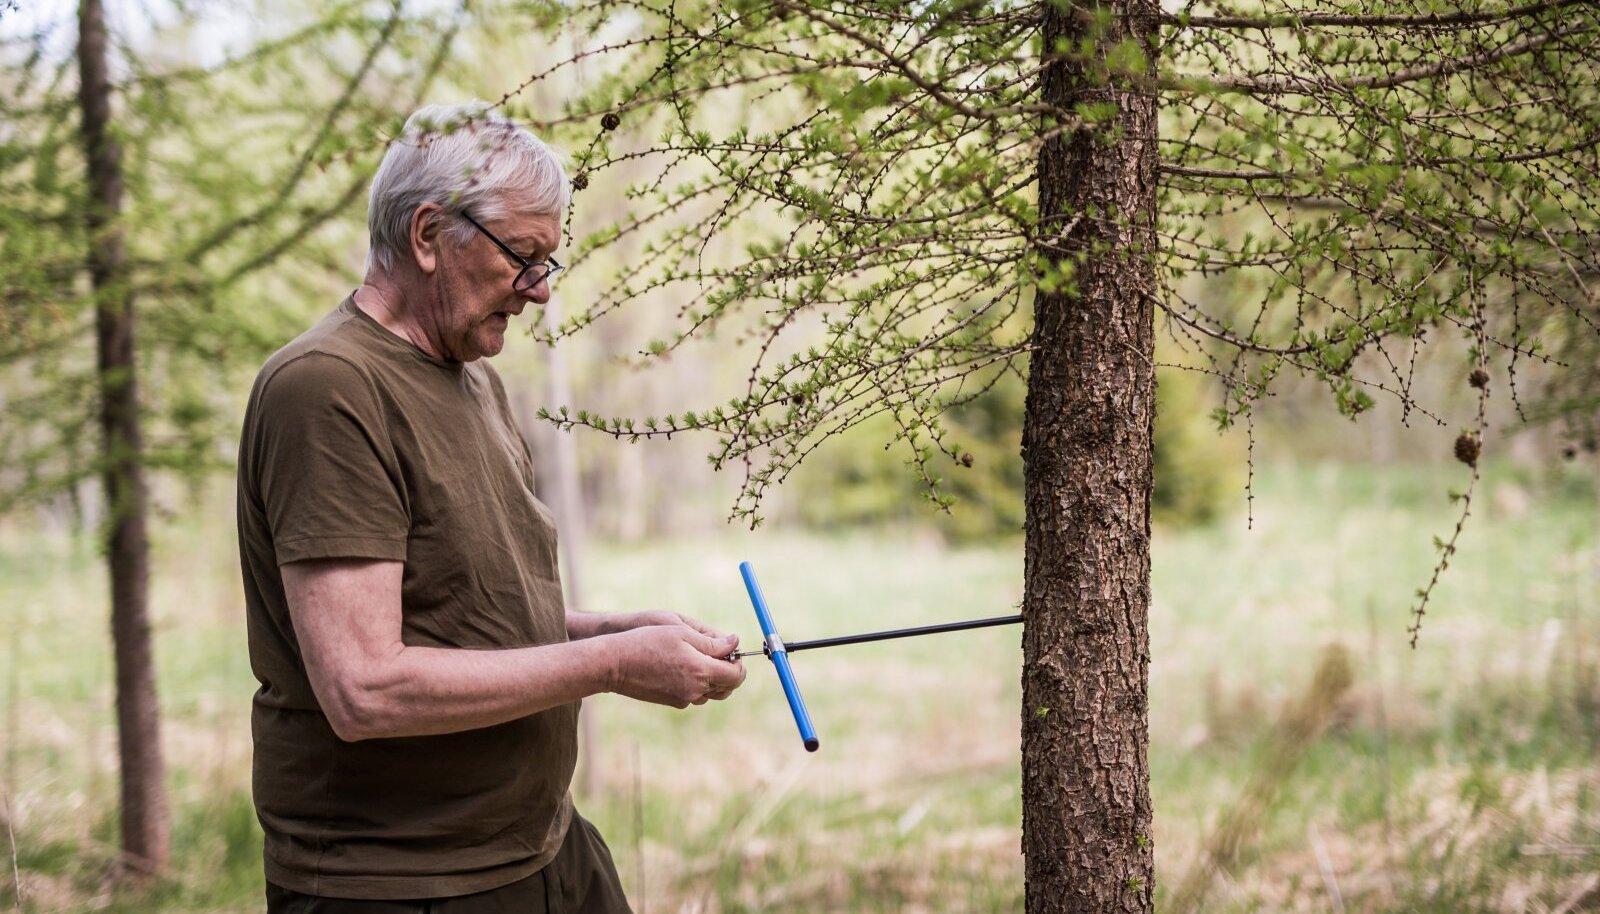 Mart Erik puurib juurdekasvu puuriga 2012. aastal istutatud lehise tüvesse.